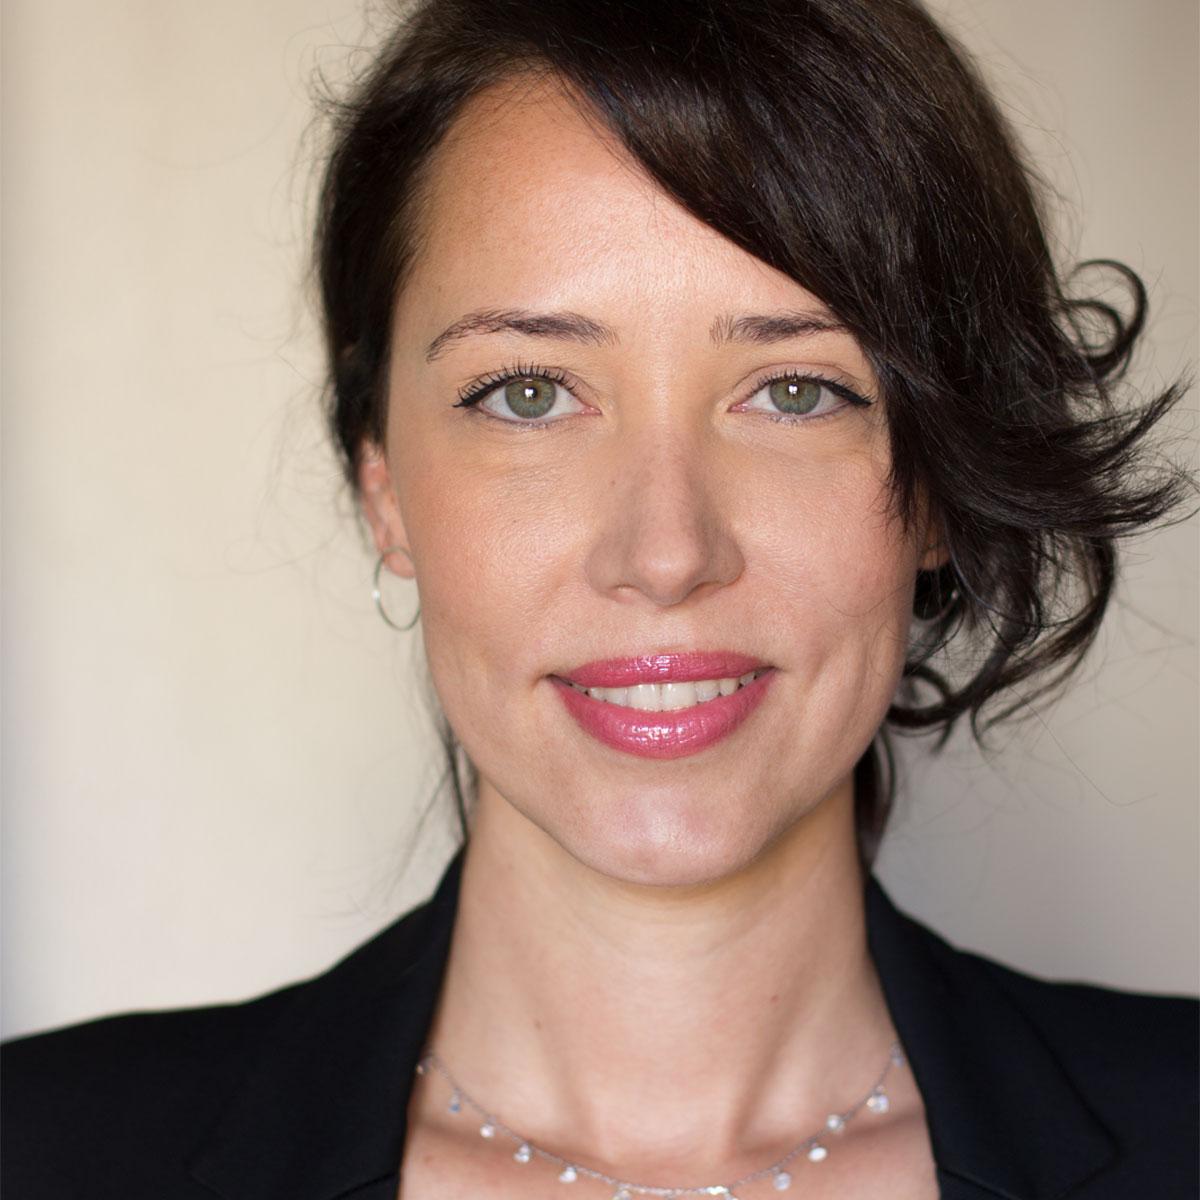 Núria JuangranImagen y Protocolo